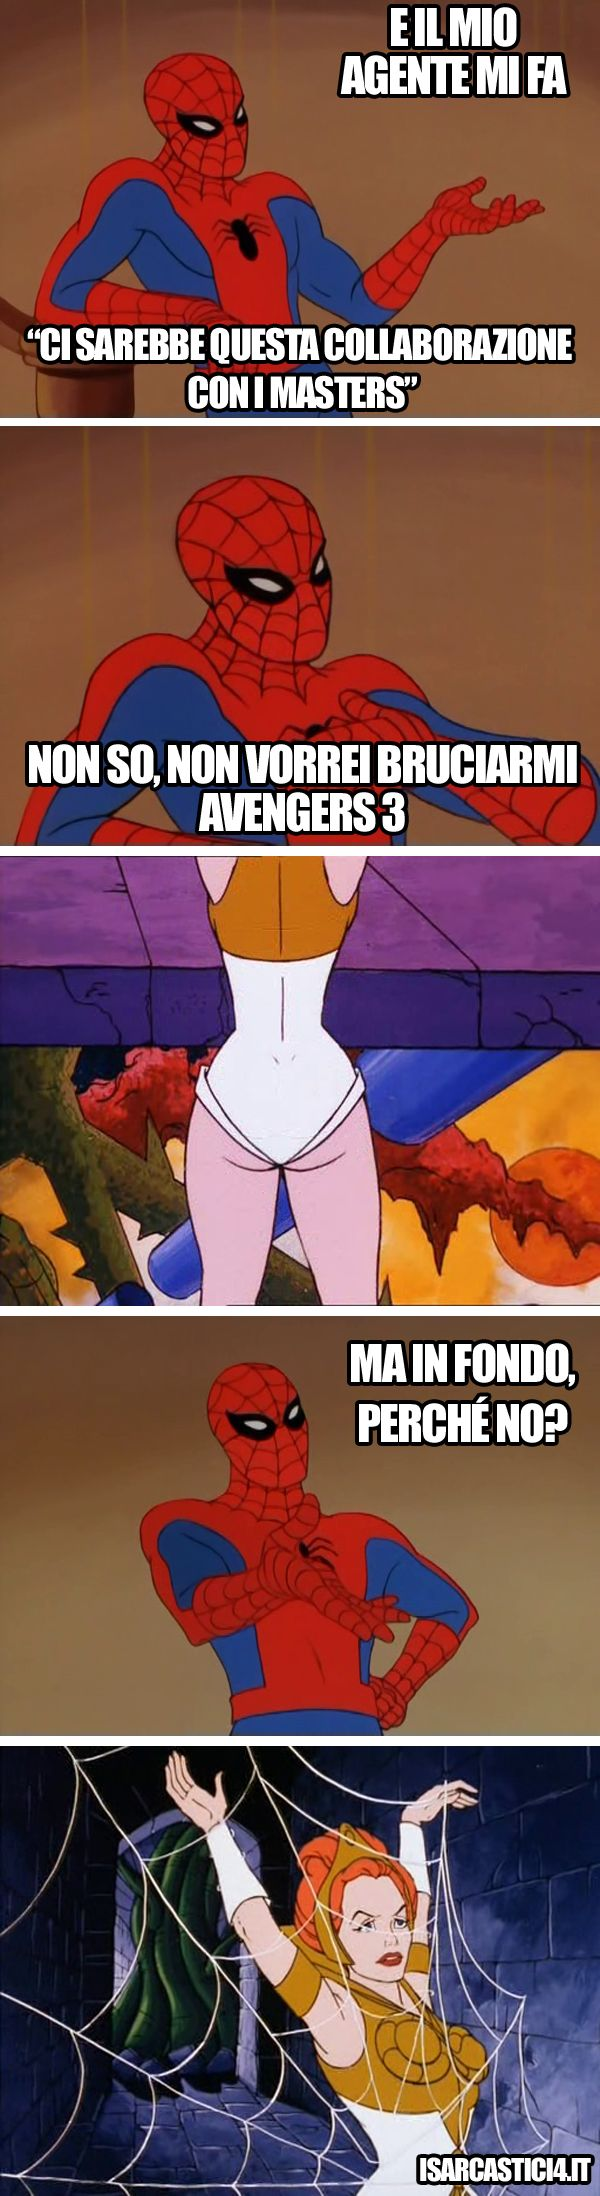 Spiderman avengers meme ninja turtles